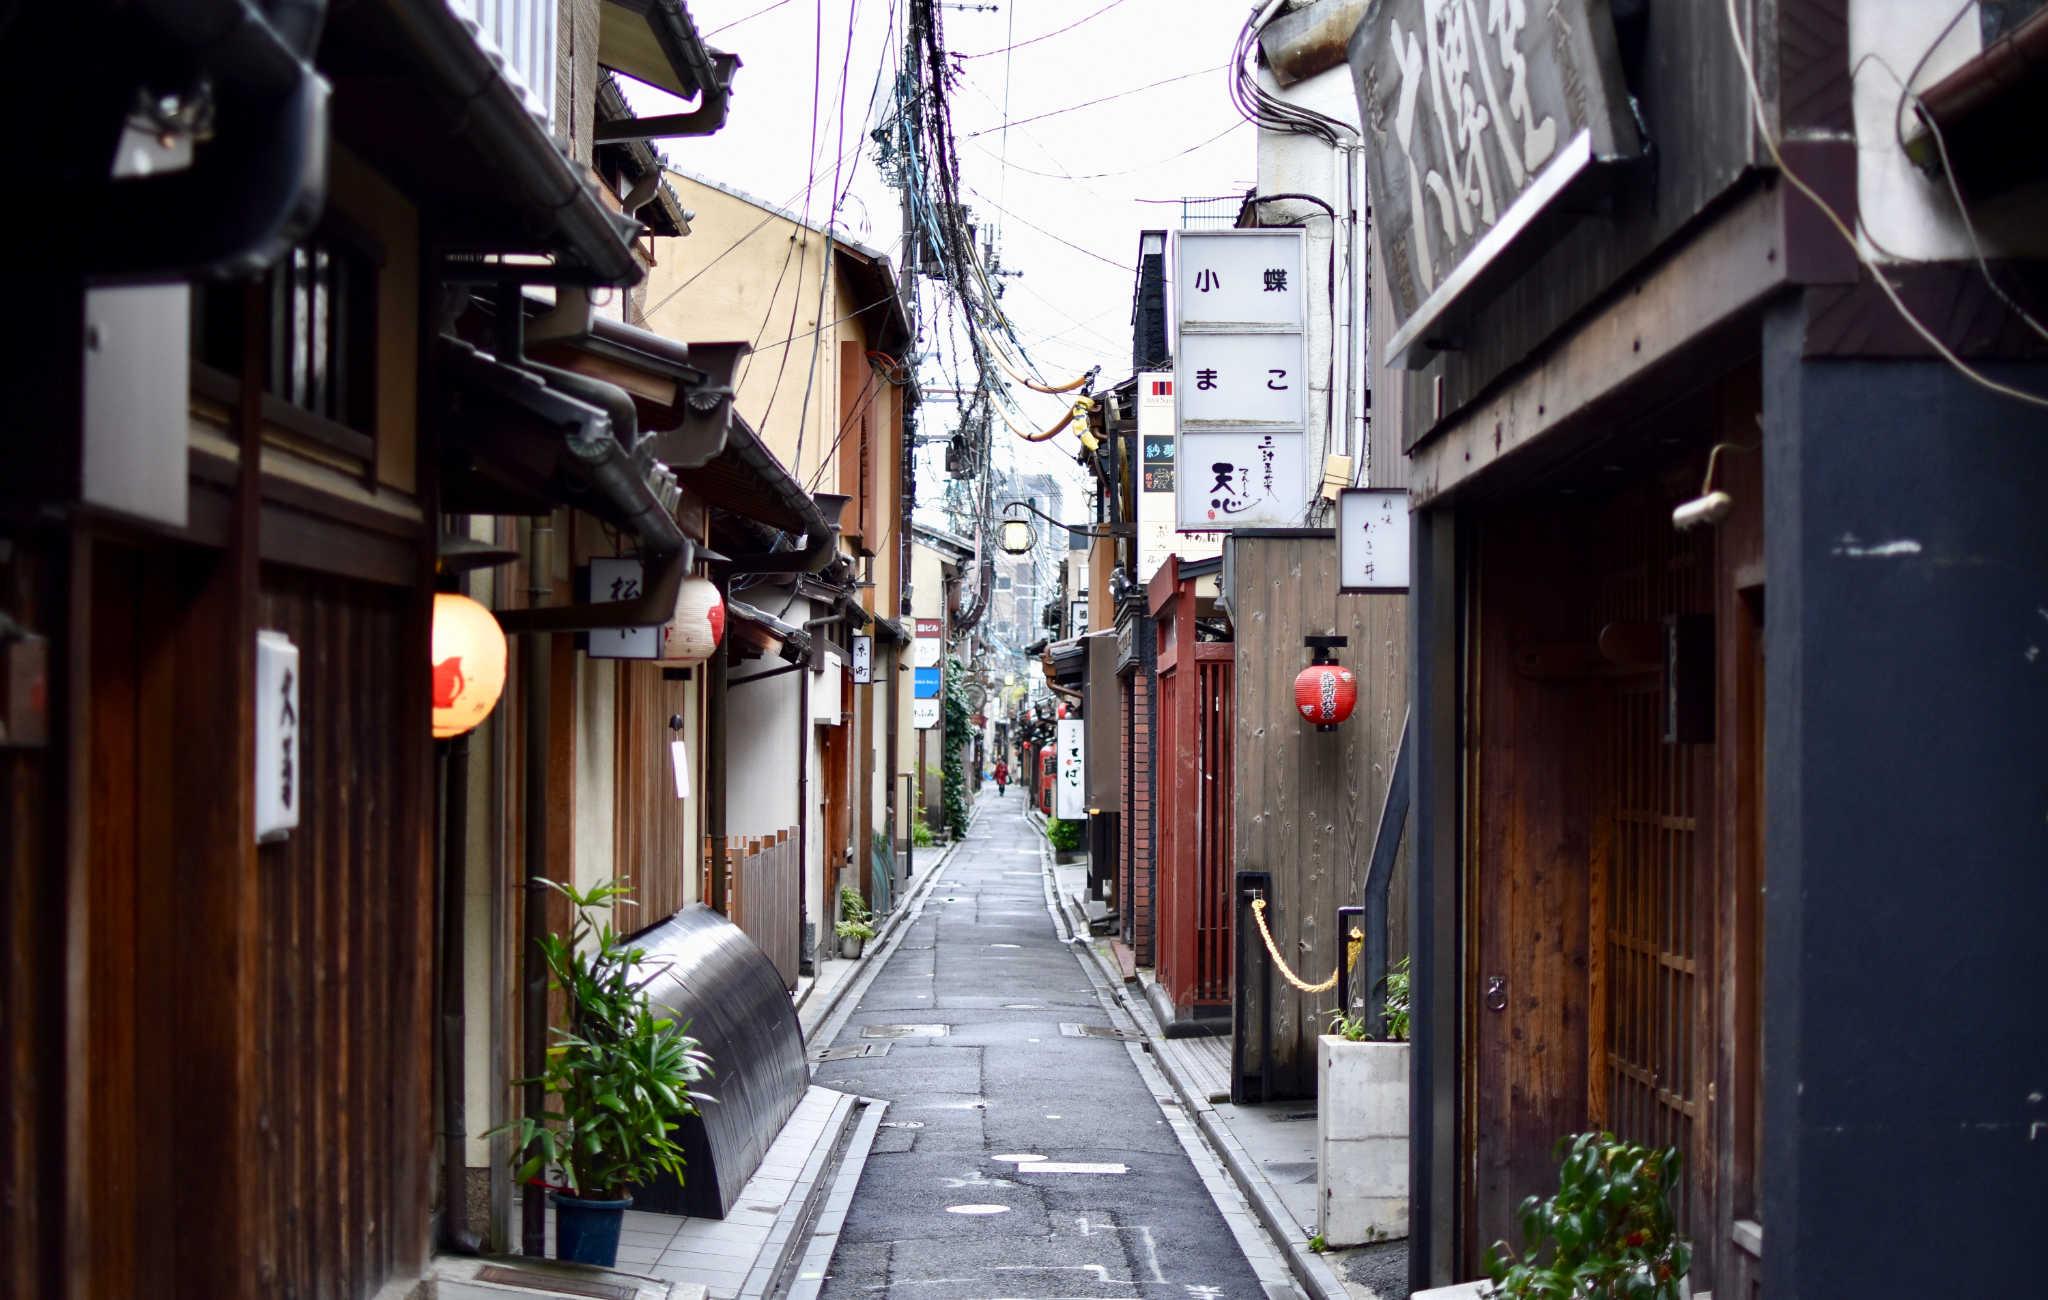 Le matin, cette petite rue est très calme